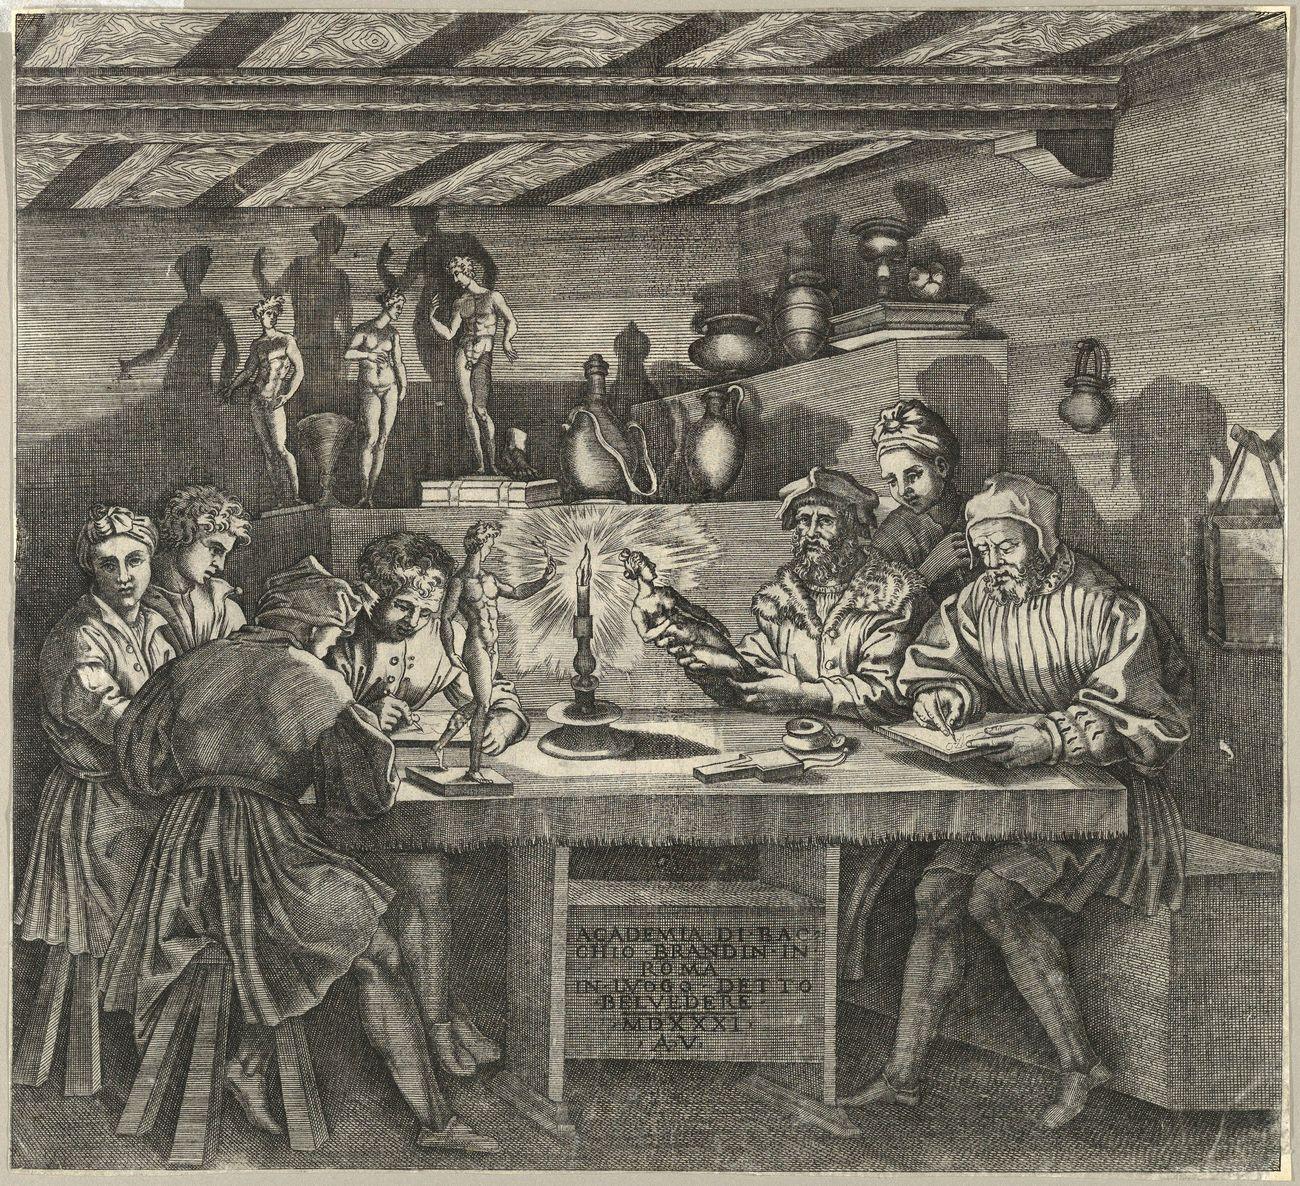 Agostino Veneziano, L'accademia di Baccio Bandinelli, 1531